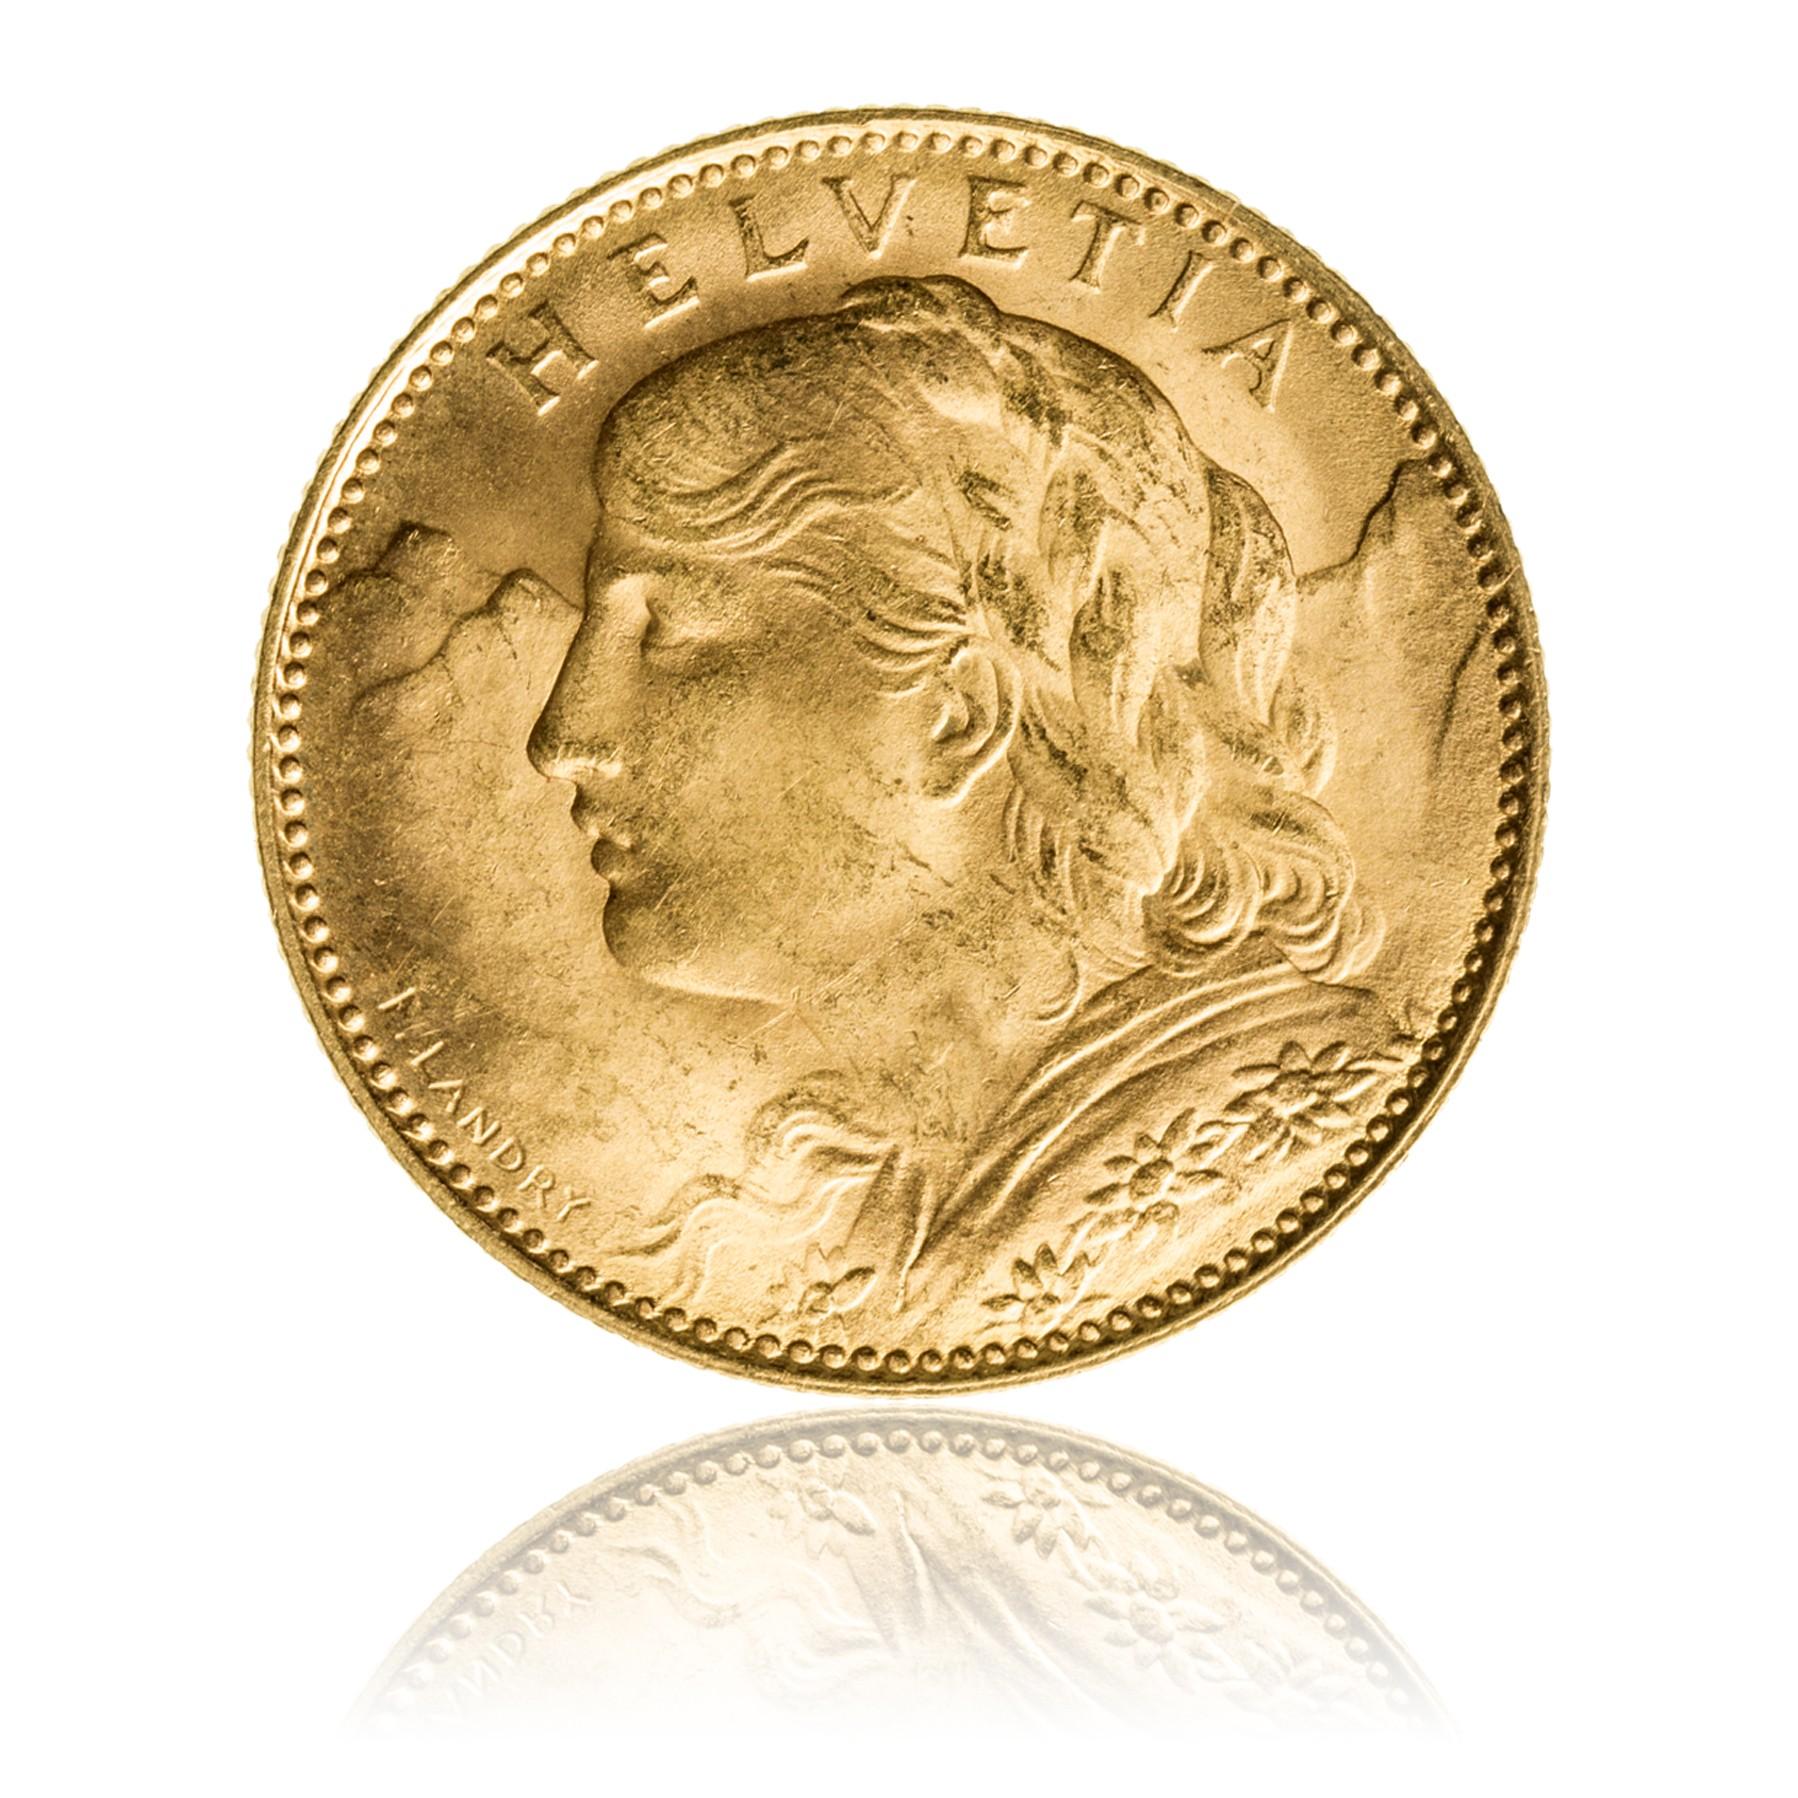 coin producer